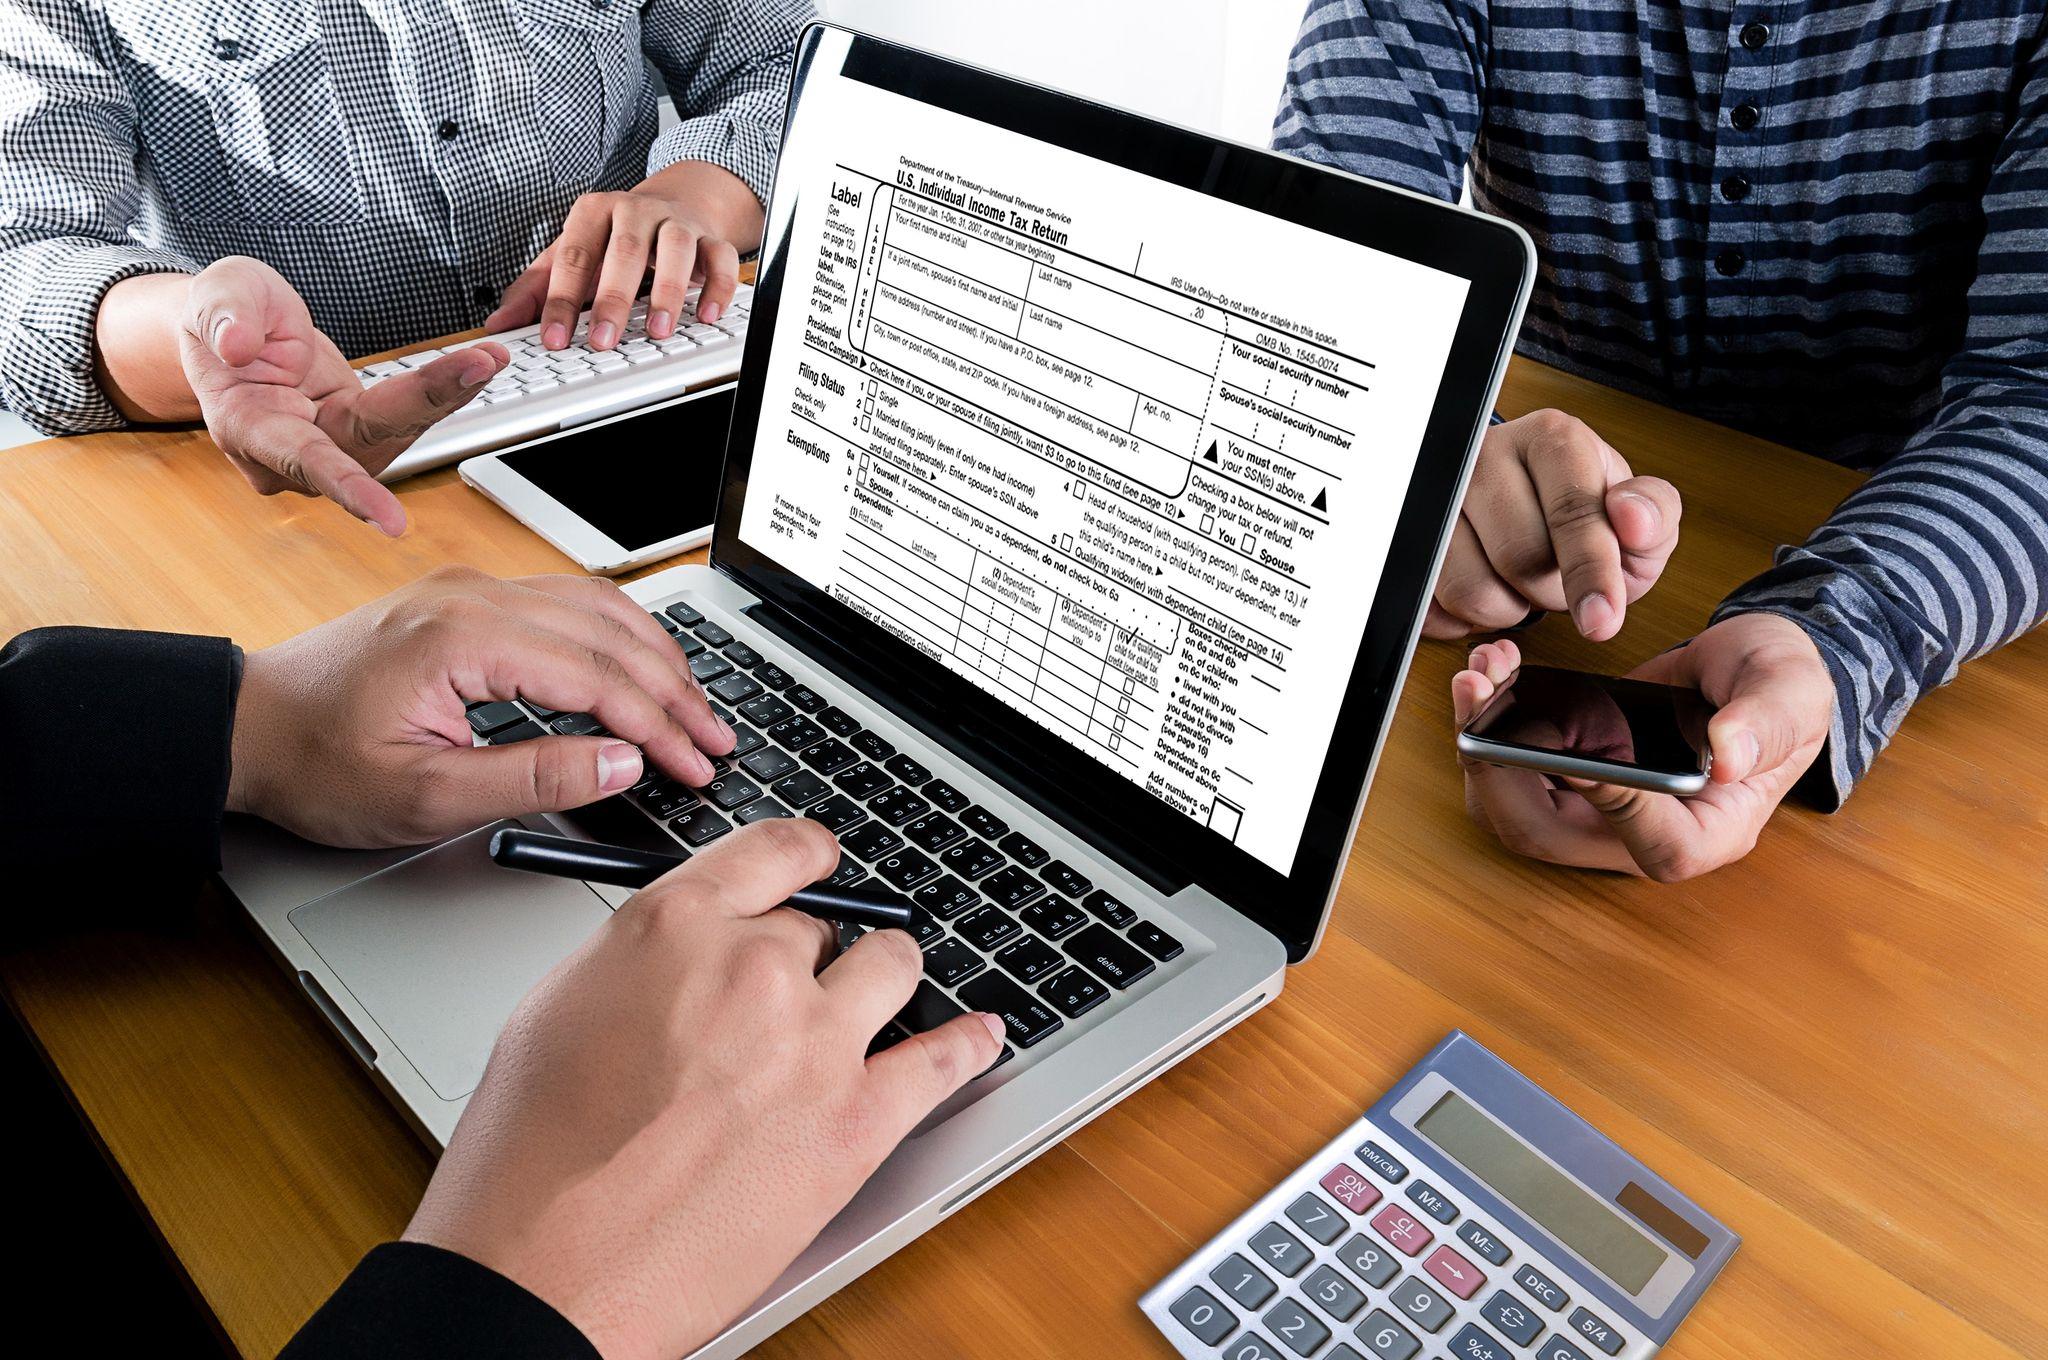 Noi clarificări referitoare la data intrării în vigoare a modificărilor aduse Codului fiscal